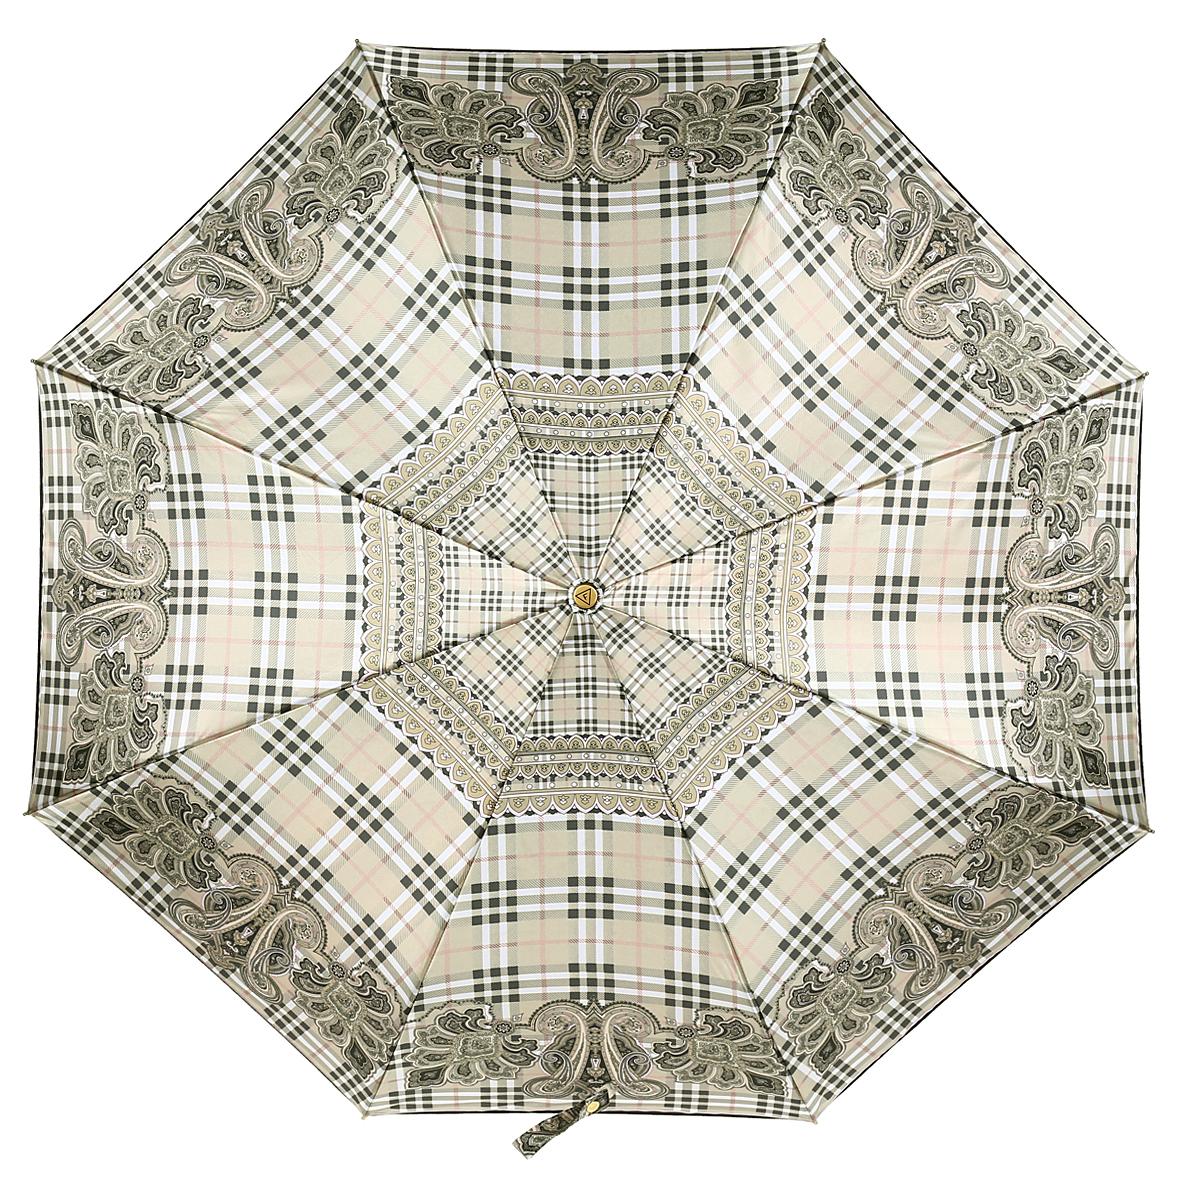 Зонт-автомат женский Fabretti, 3 сложения, цвет: бежевый. S-15102-5Fabretti S-15102-5Классический зонт торговой марки Fabretti, изготовленный из качественных материалов, идеально подойдет для девушек и женщин любых возрастов. Купол зонтика выполнен из полиэстера, обработанного водоотталкивающей пропиткой, и оформлен стильным орнаментом. Каркас зонта изготовлен из восьми металлических спиц, стержня и ручки с полиуретановым покрытием, разработанной с учетом эргономических требований. Зонт оснащен полным автоматическим механизмом в три сложения. Купол открывается и закрывается нажатием кнопки на рукоятке, благодаря чему открыть и закрыть зонт можно одной рукой, что чрезвычайно удобно при входе в транспорт или помещение, стержень складывается вручную до характерного щелчка. Рукоятка зонта для удобства оснащена шнурком-резинкой, позволяющим при необходимости надеть зонт на руку. Компактные размеры зонта в сложенном виде позволят ему без труда поместиться в сумочке. Зонт поставляется в чехле на молнии. Женский зонт Fabretti не только...